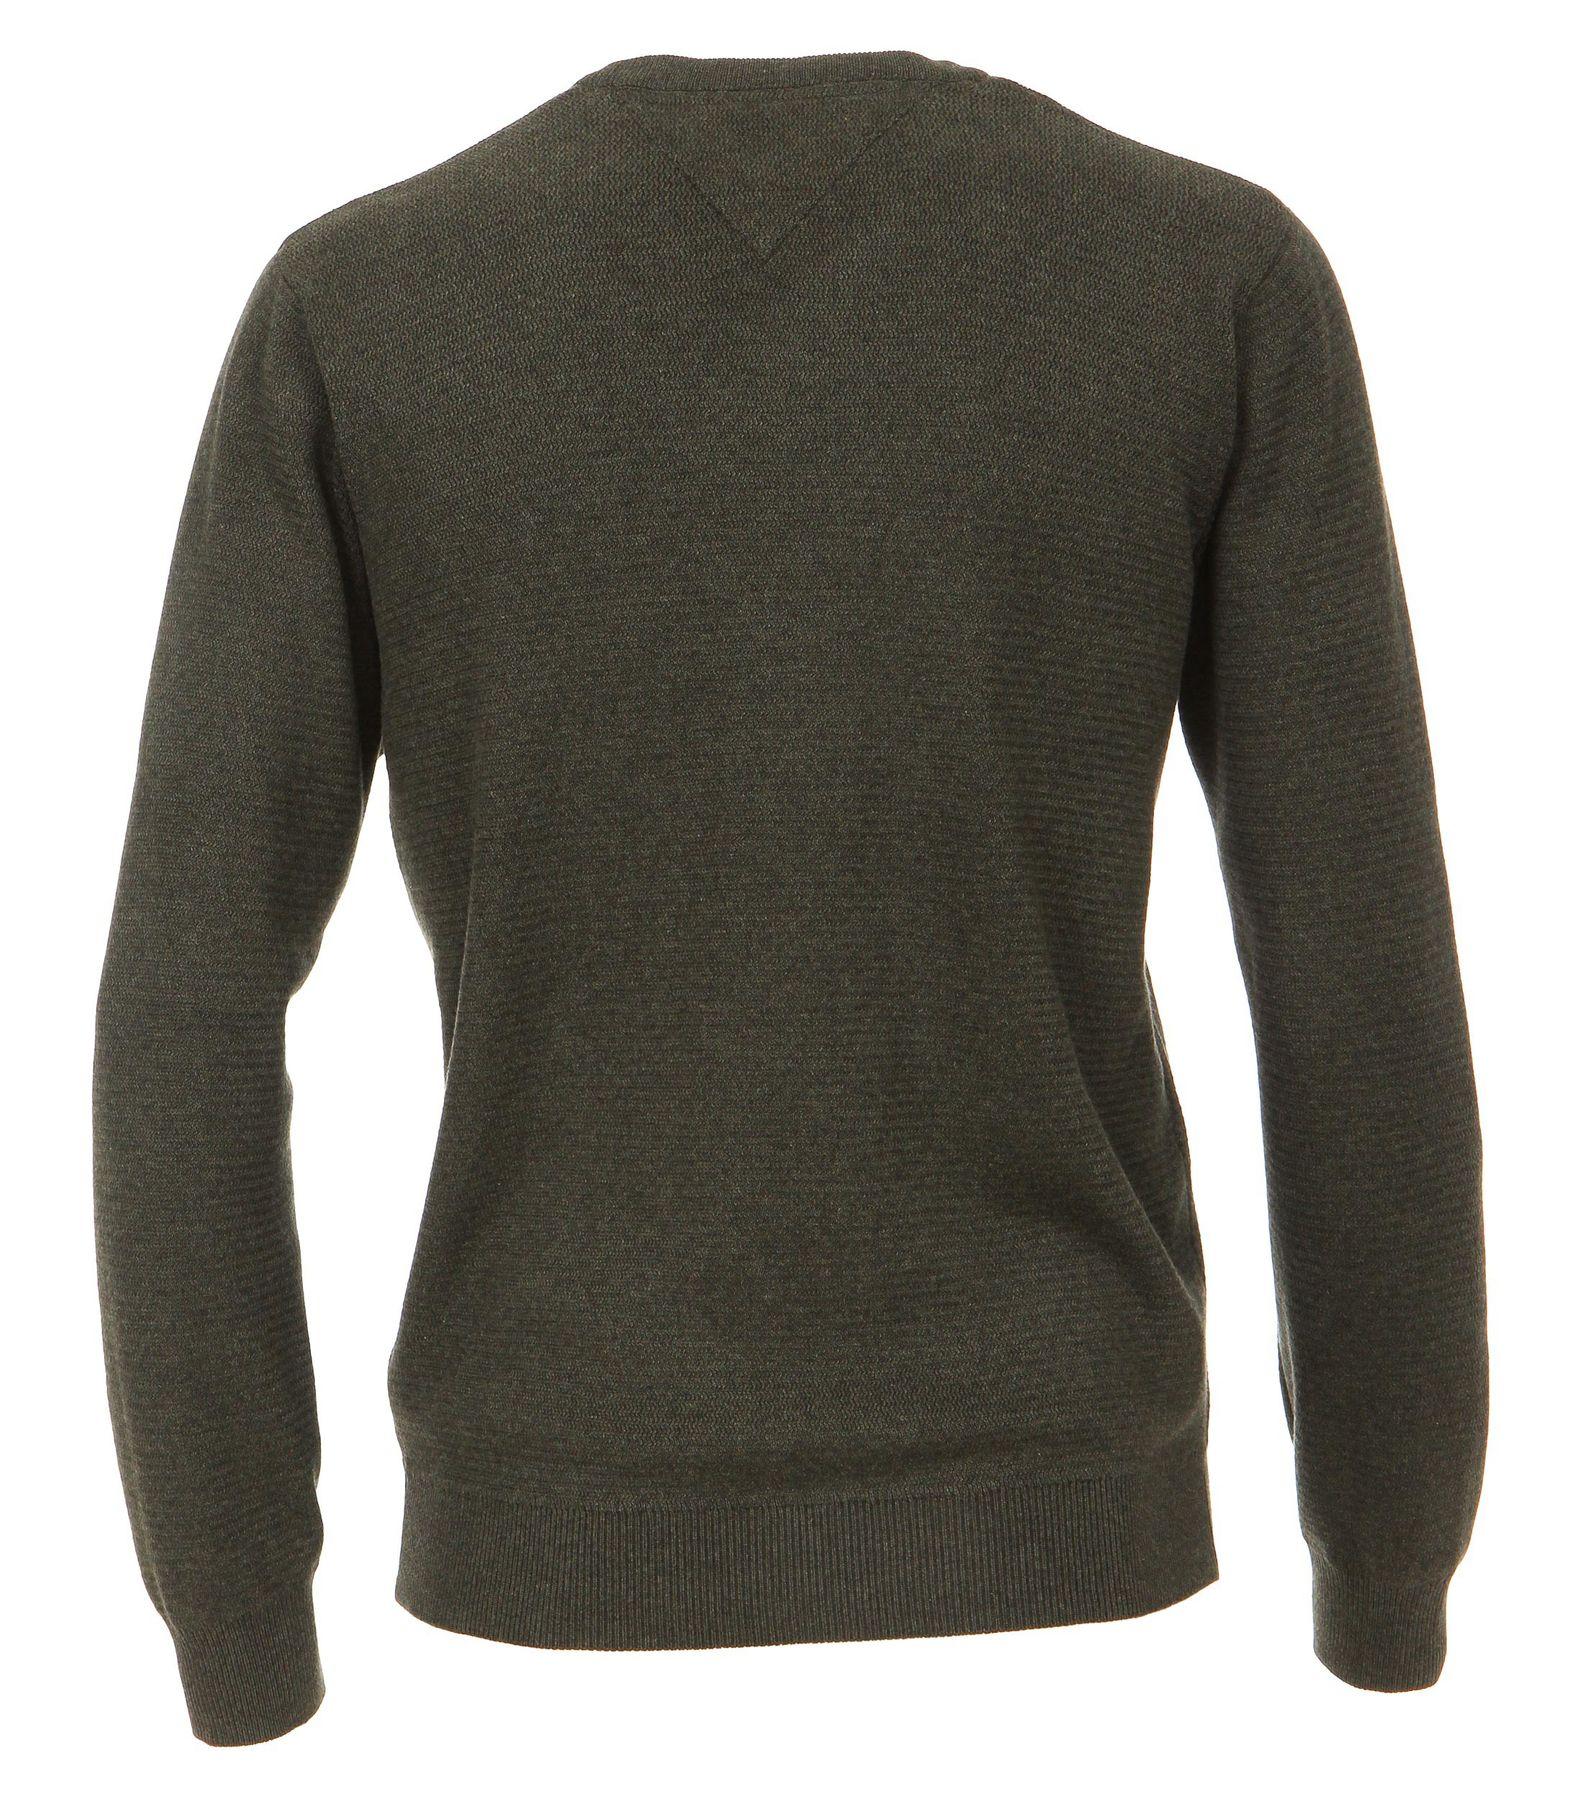 Casa Moda - Herren Pullover mit V-Ausschnitt in Melange Optik (462521200A) – Bild 17